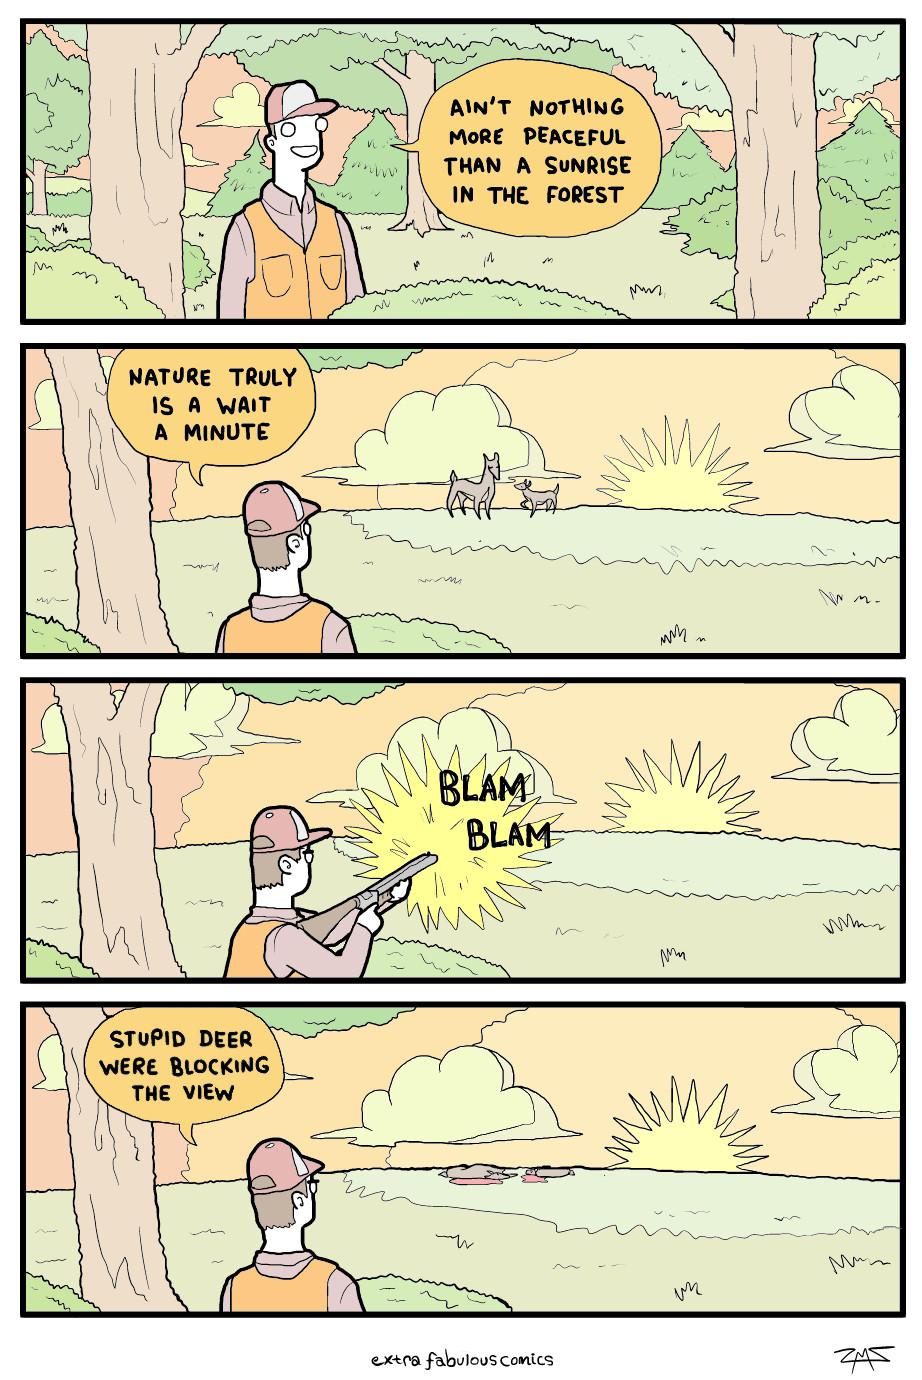 Those deers are always in the way - meme